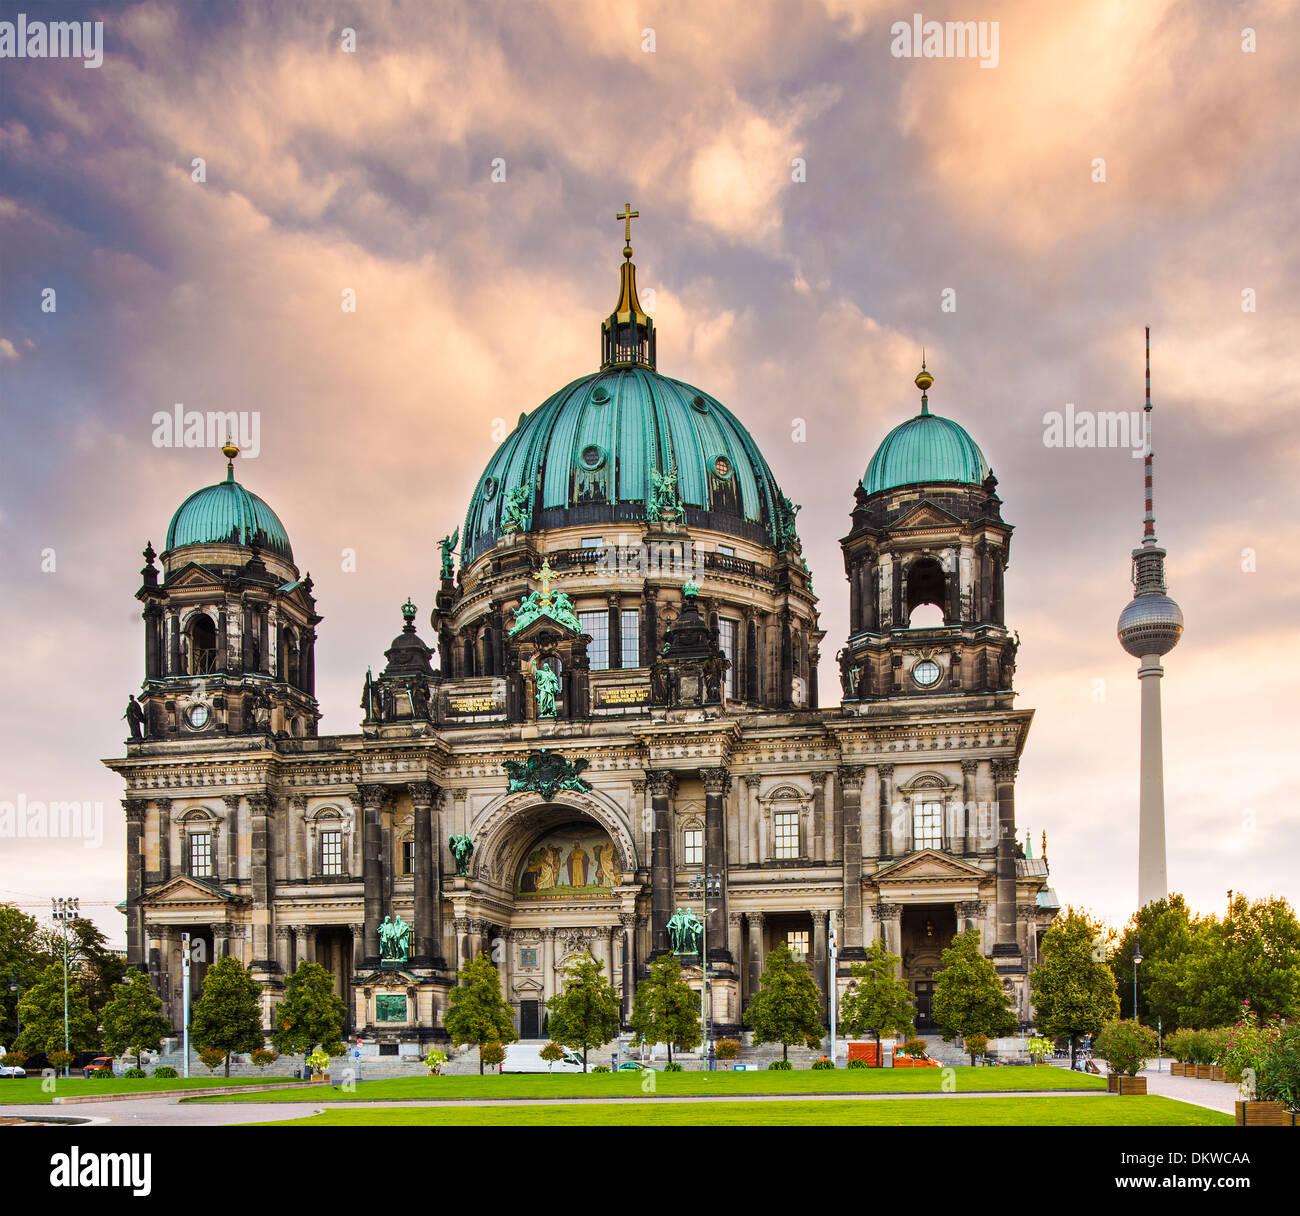 Cattedrale di Berlino, Germania. Immagini Stock